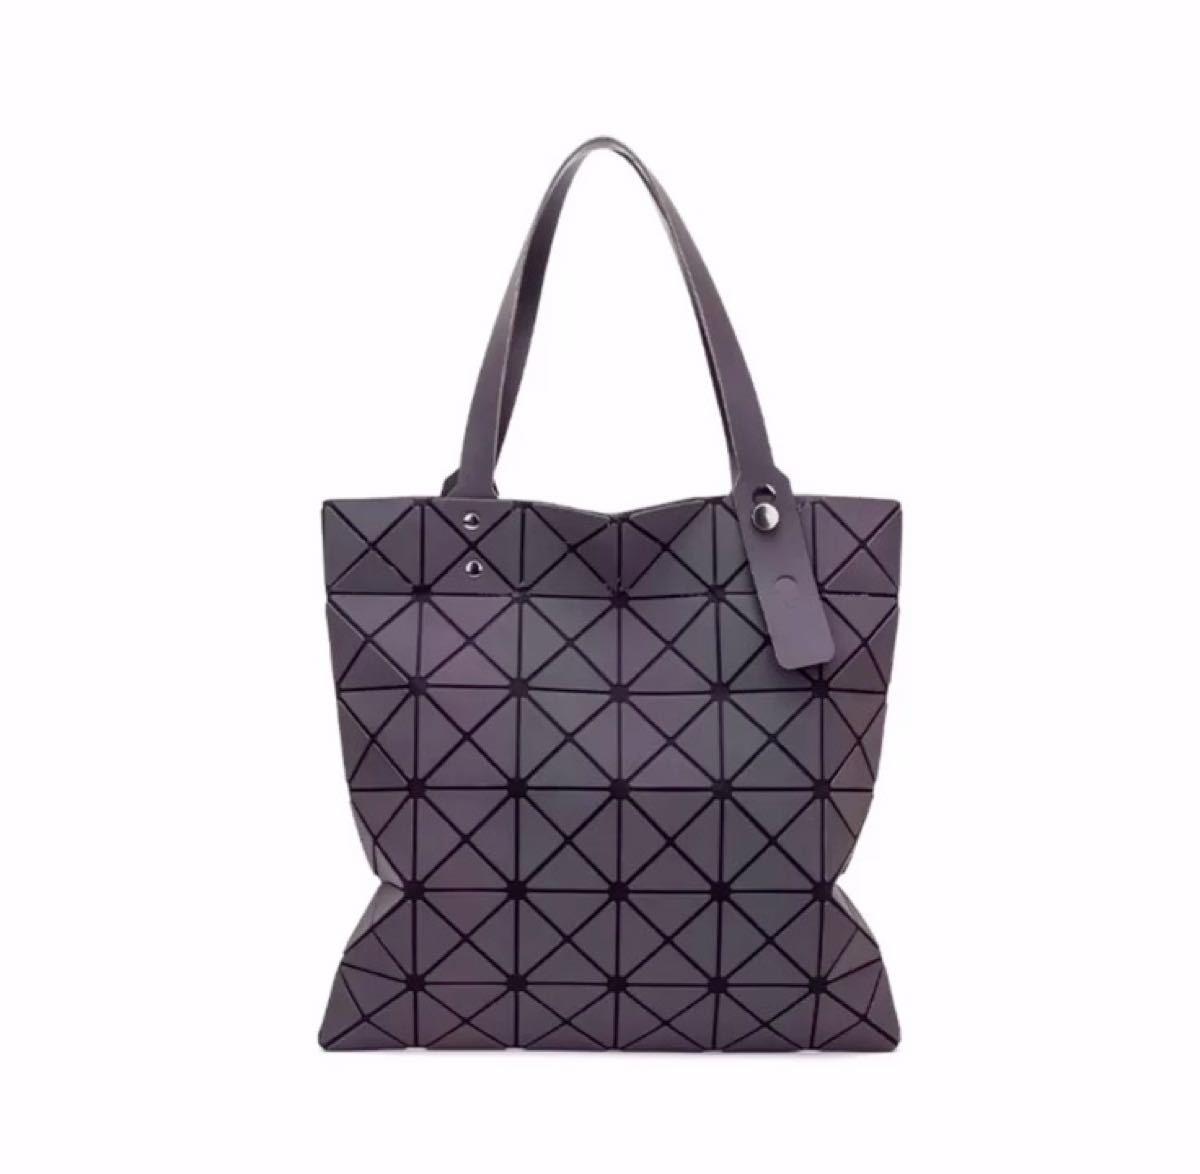 トートバッグ バックパック 肩掛けバック レディースバッグ 幾何学模様 特徴的 ブラック